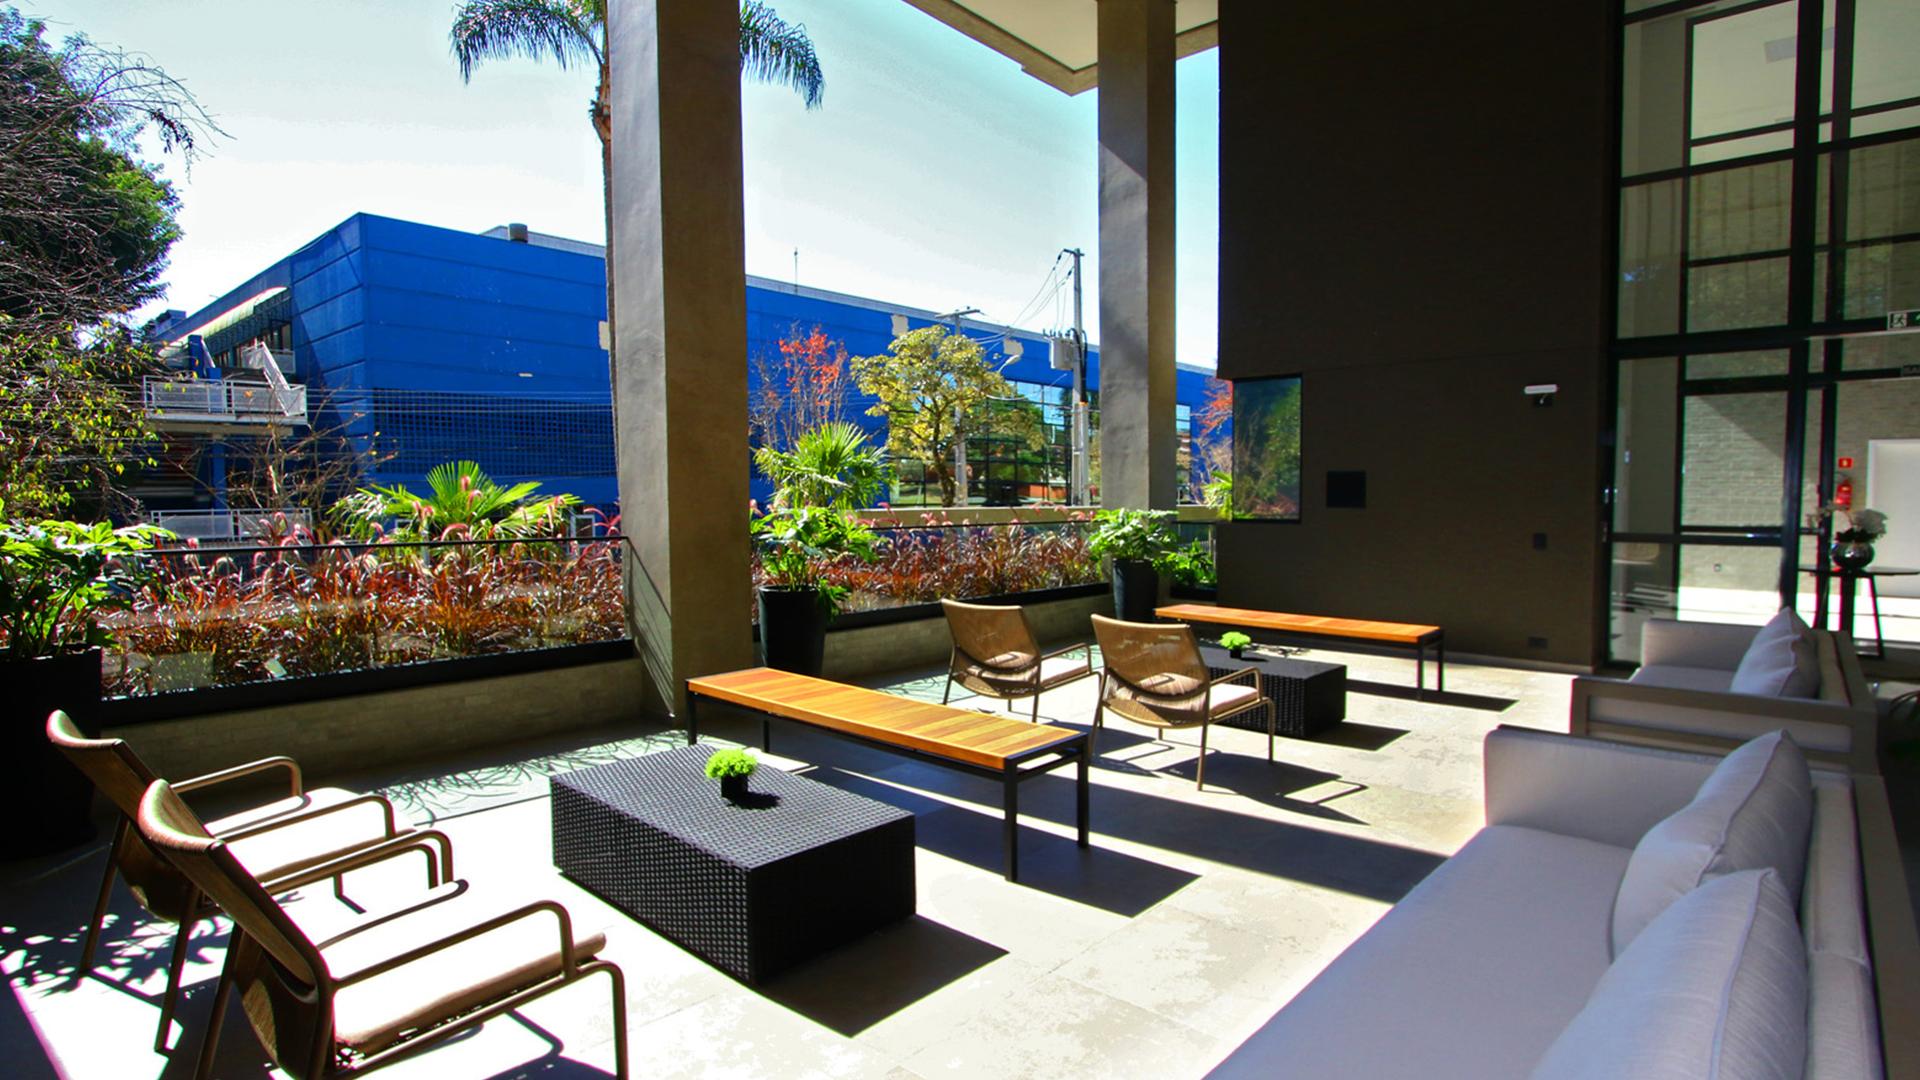 Espaço lounge do Riserva 35, empreendimento pronto para morar da Swell no Alto da XV, em Curitiba.